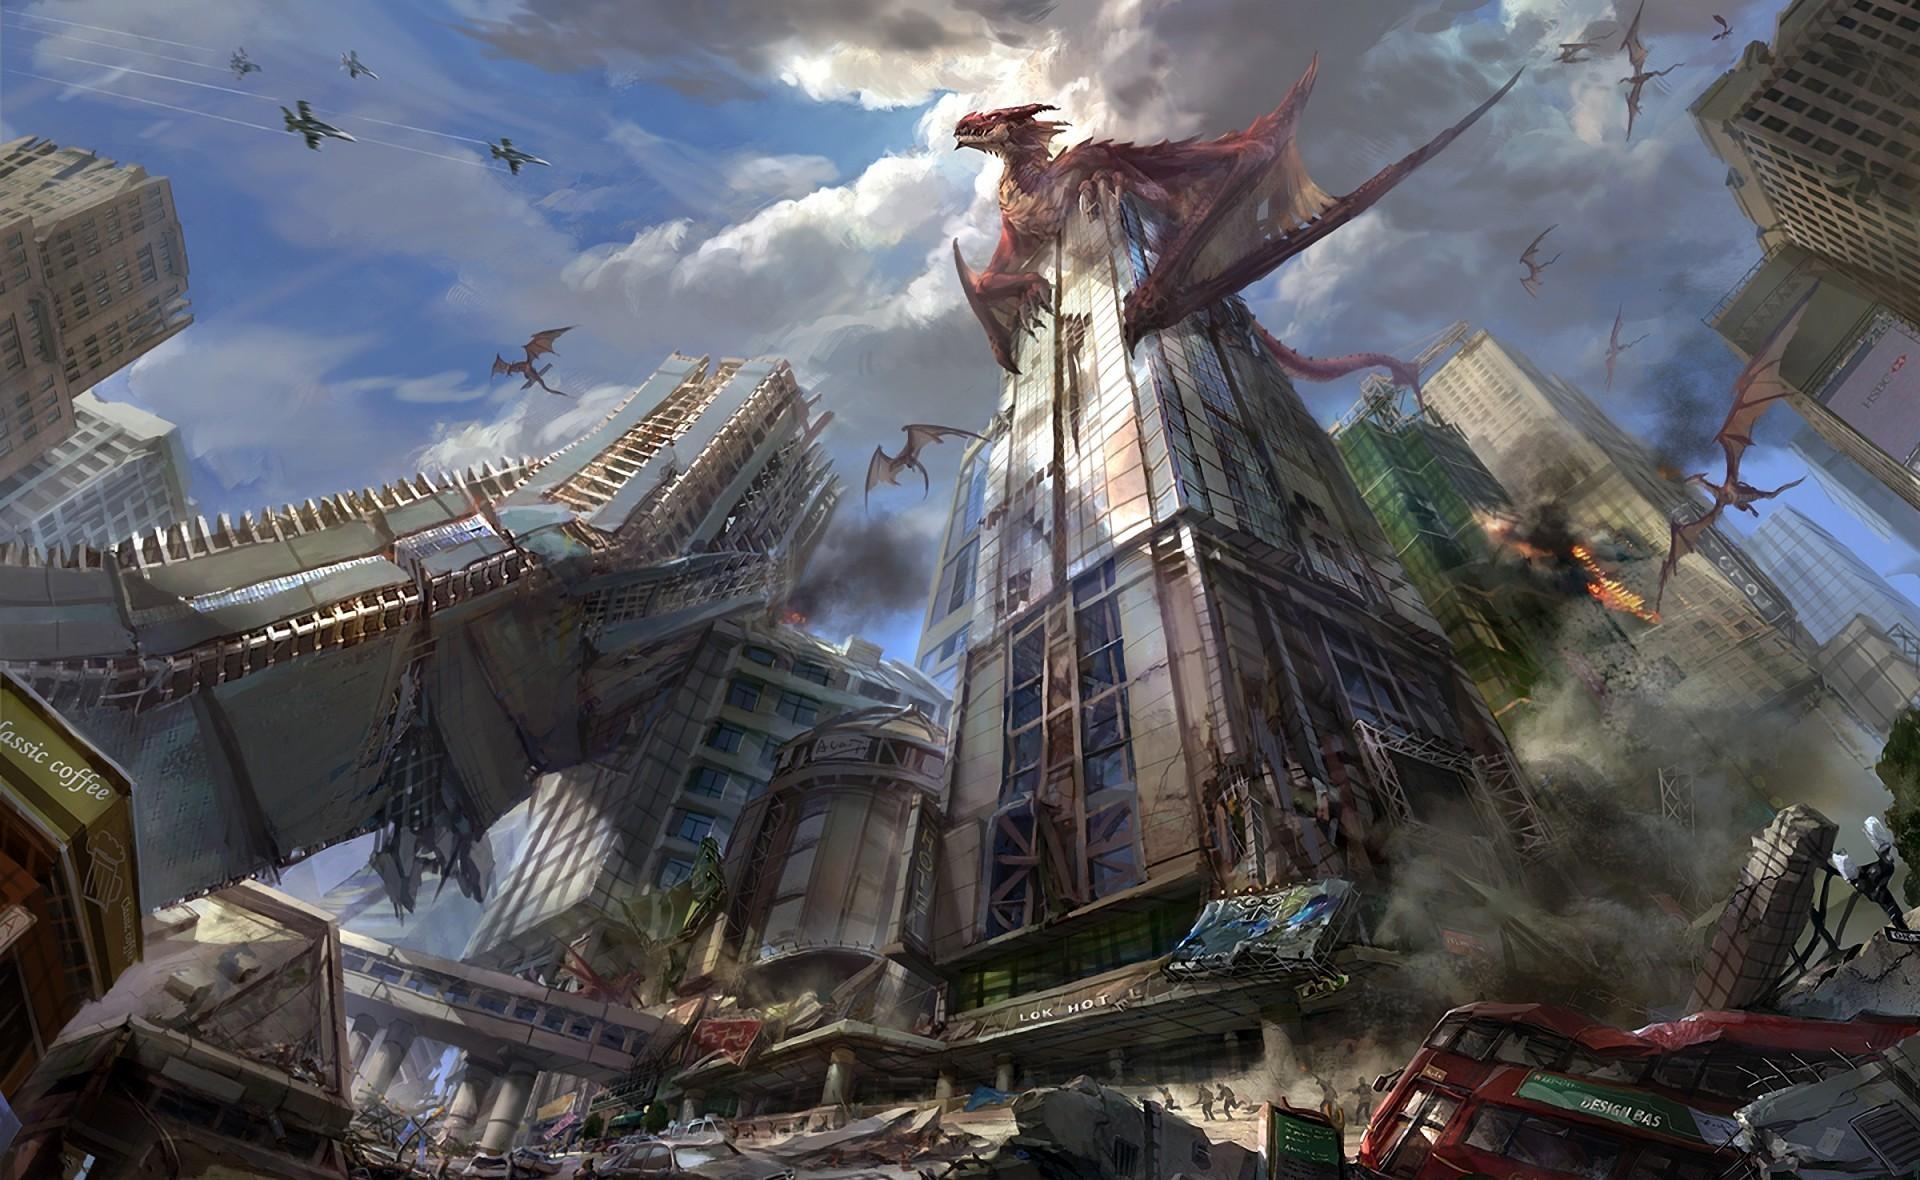 104235 Hintergrundbild herunterladen Fantasie, Dragons, Stadt, Wolkenkratzer, Zerstörung - Bildschirmschoner und Bilder kostenlos